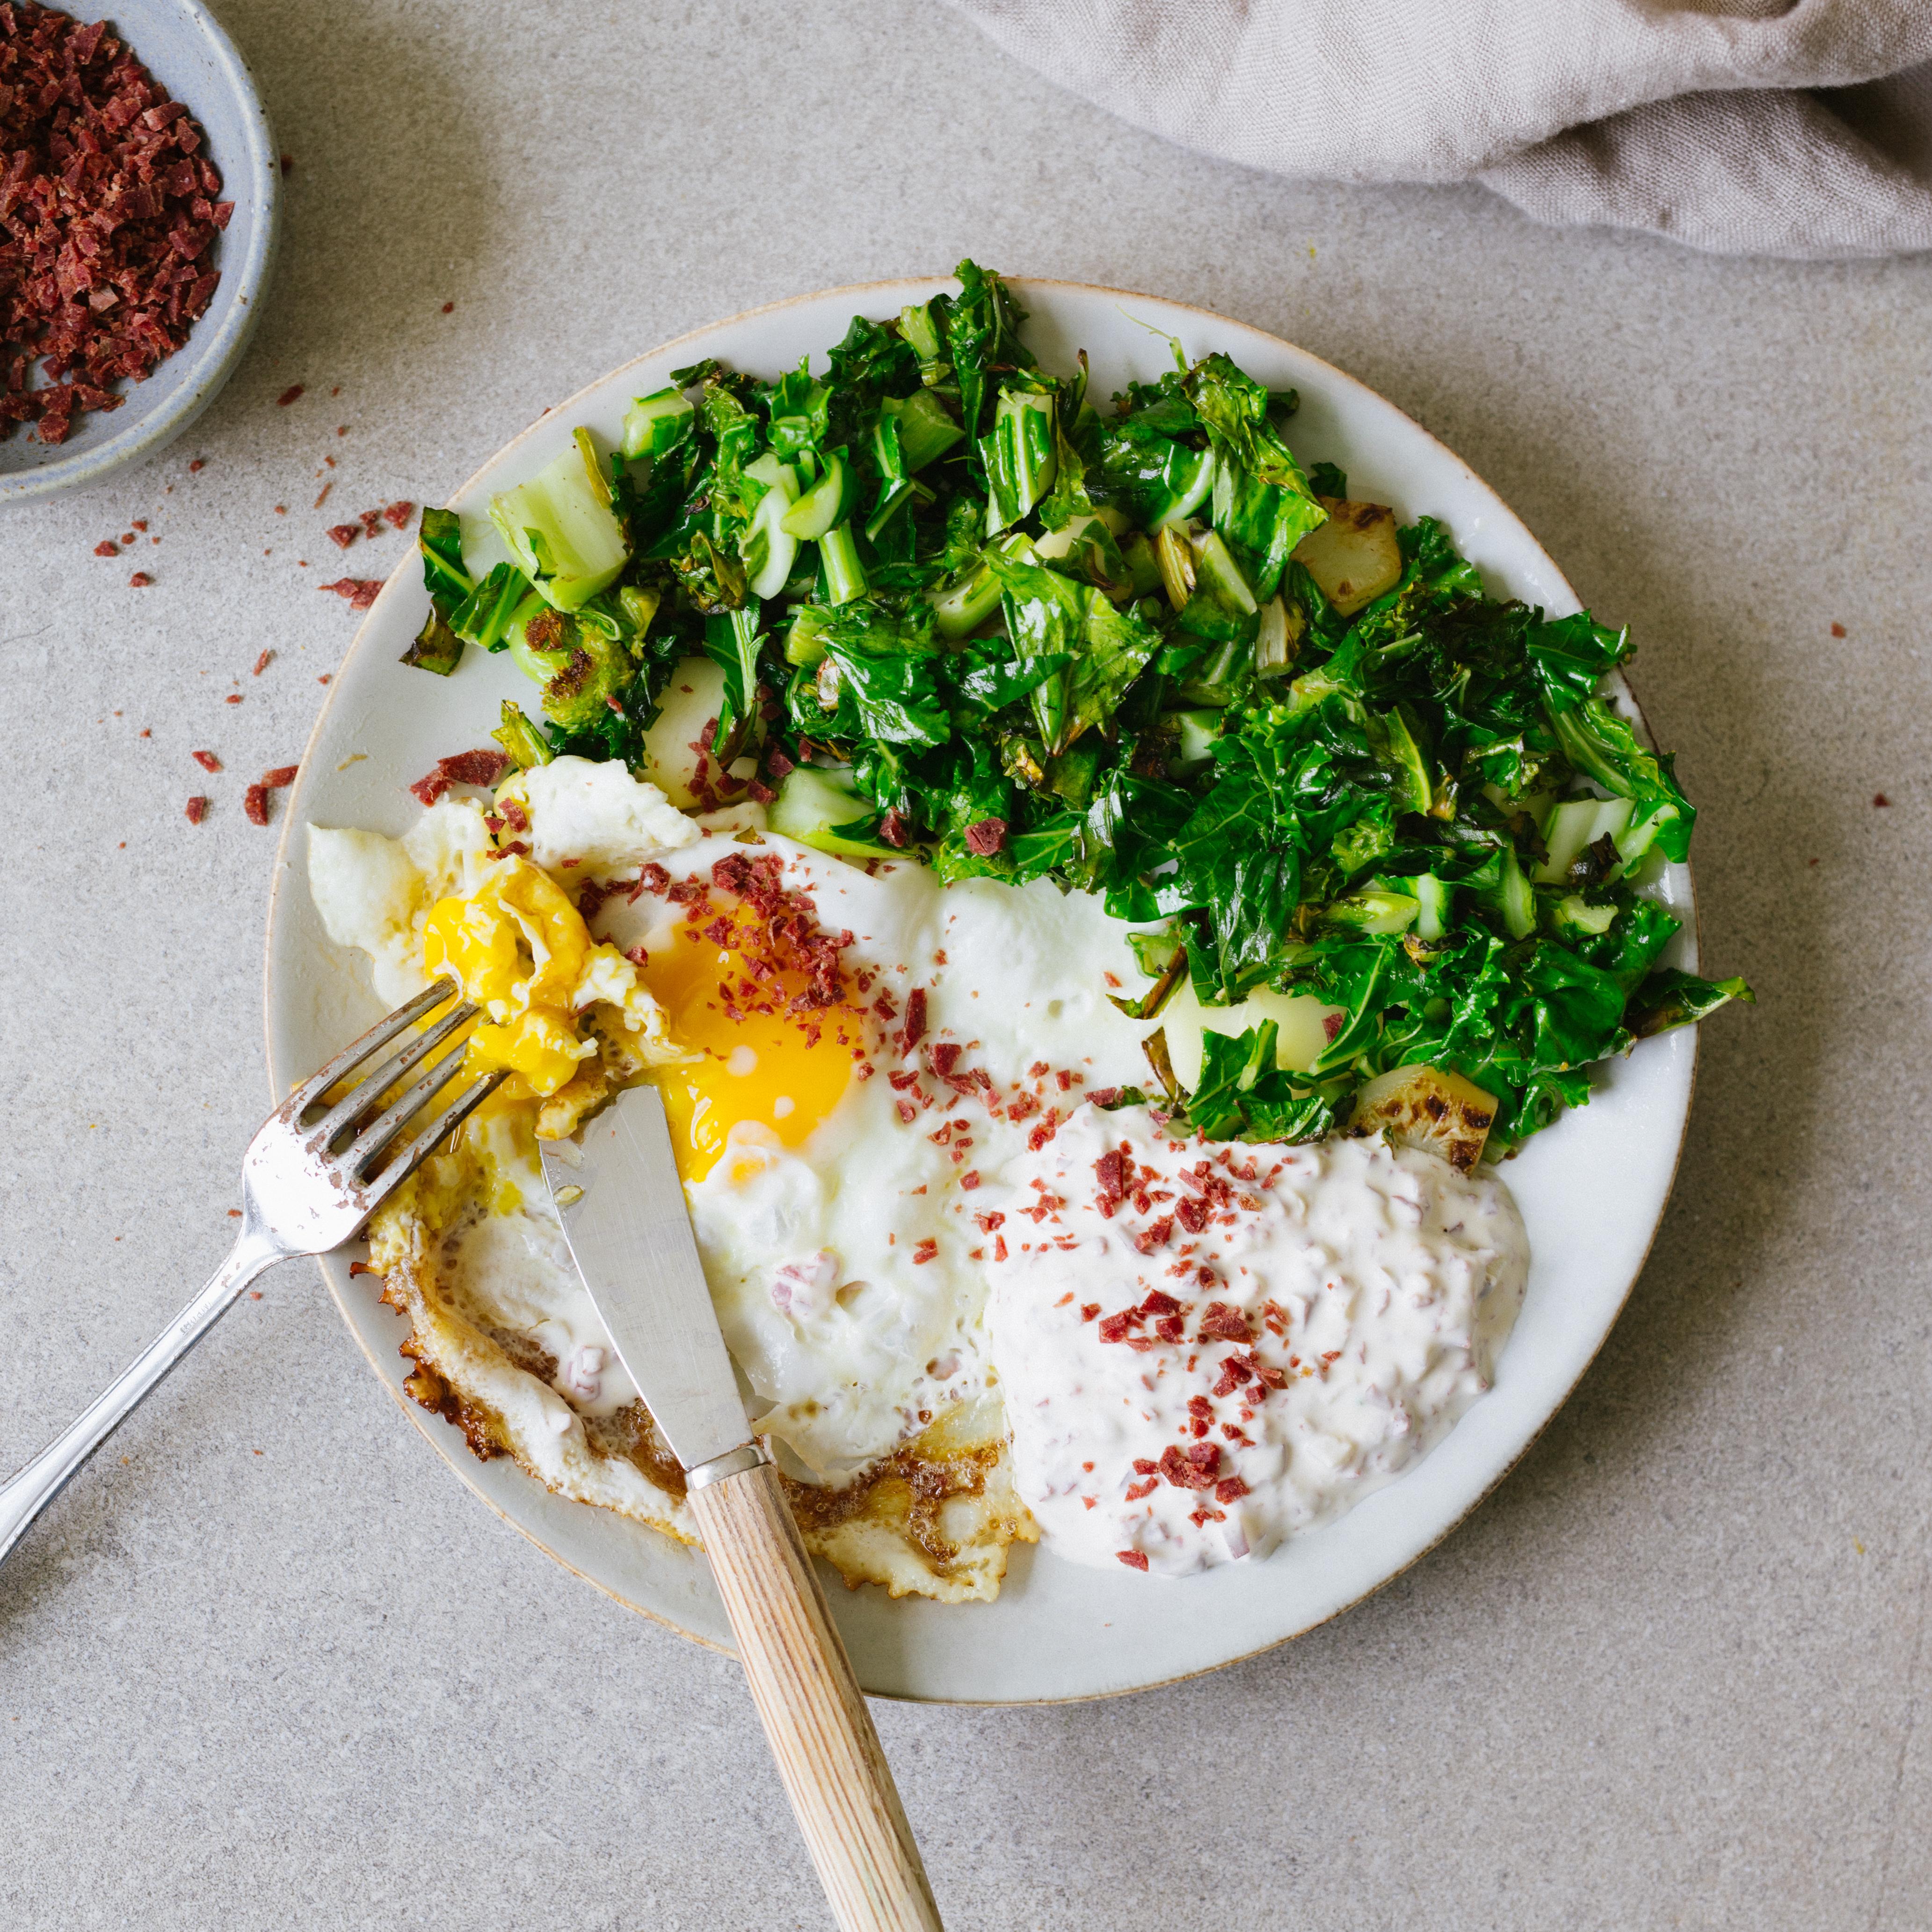 Snabblunch eller frukost. Stekt ägg, stekt kål och en klick Wild Chips röra. Enkelt och supergott!